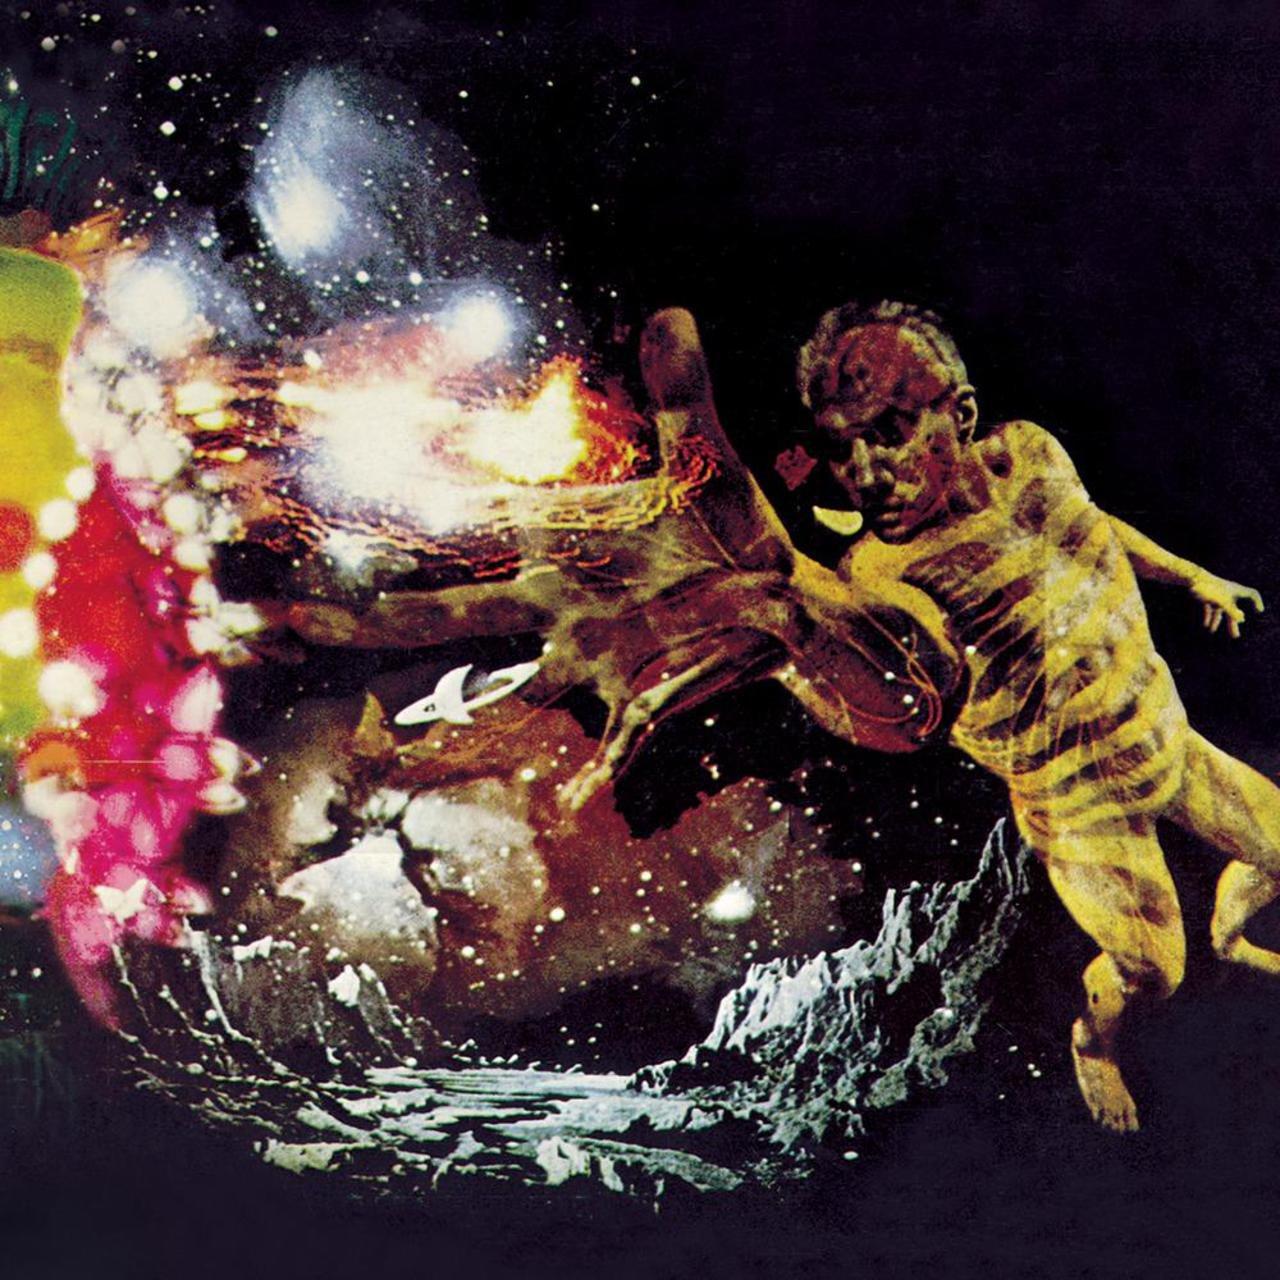 1971 – Santana III